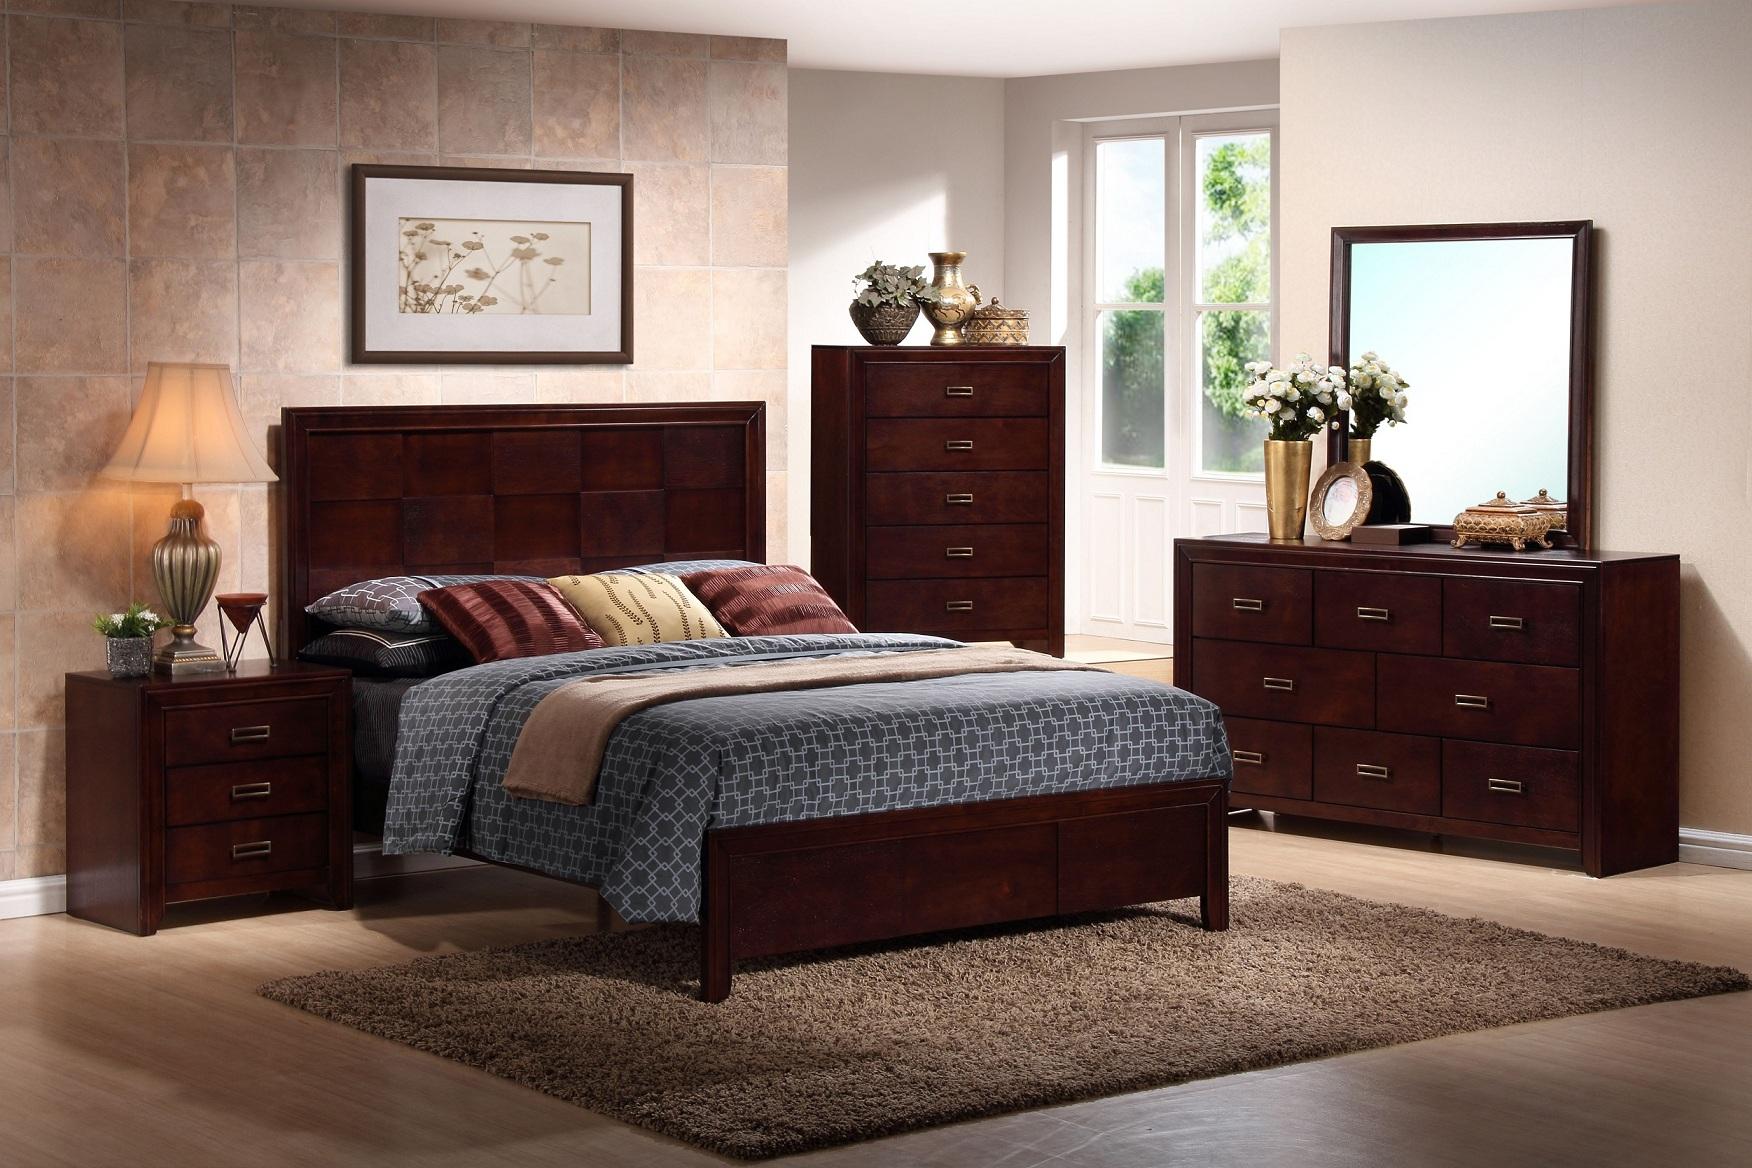 بالصور غرف نوم كلاسيك , الاستيل الكلاسيكي لغرف النوم 2265 13